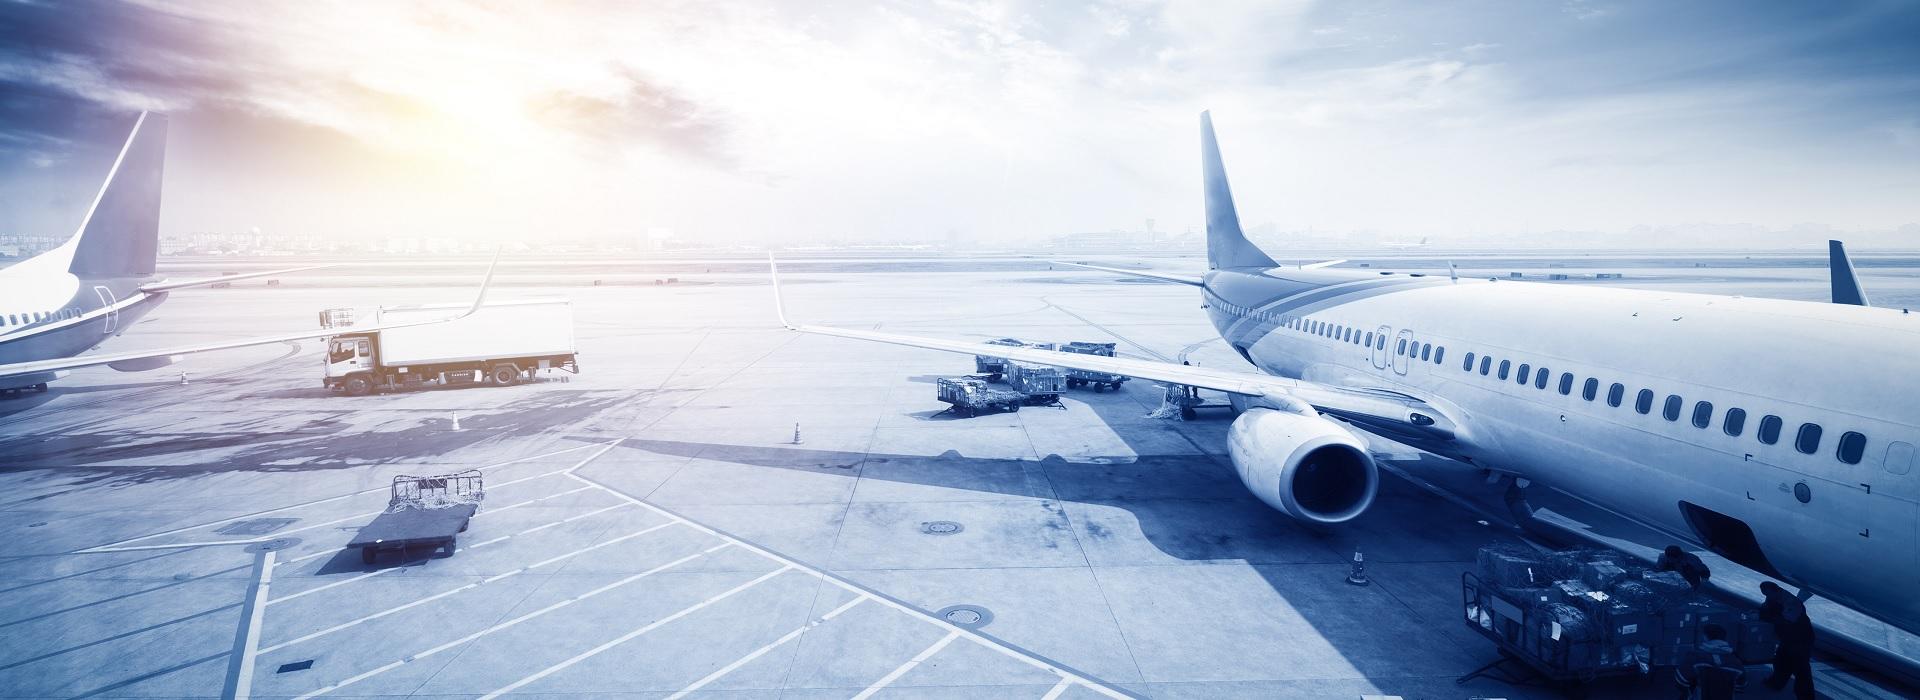 旅遊不便險必知三不賠 出國前先搞懂這兩個問題